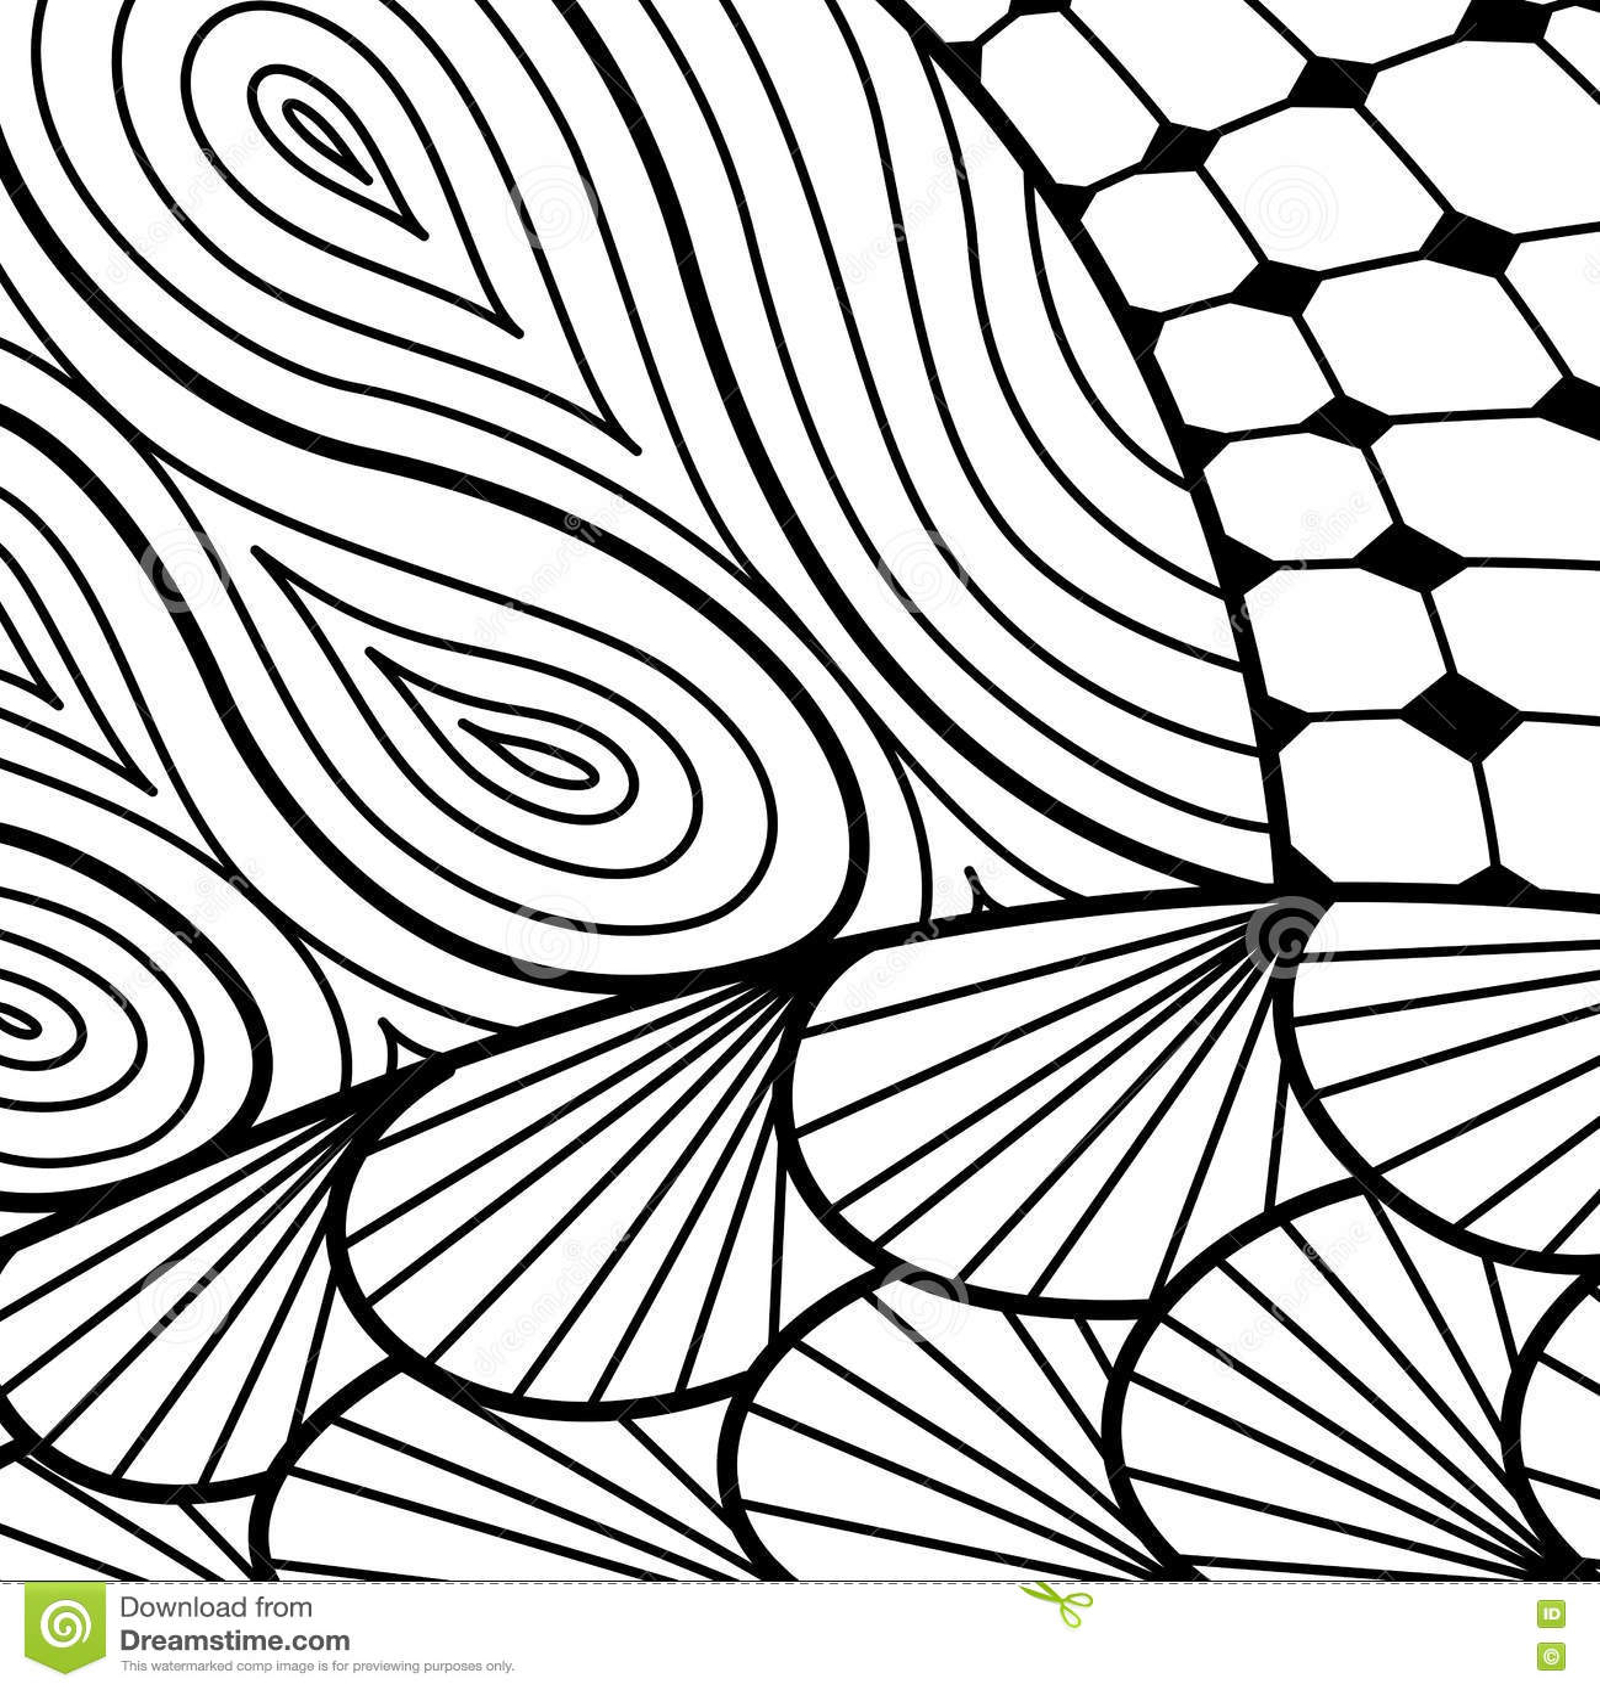 78+ Gambar Zentangle Batik Kekinian